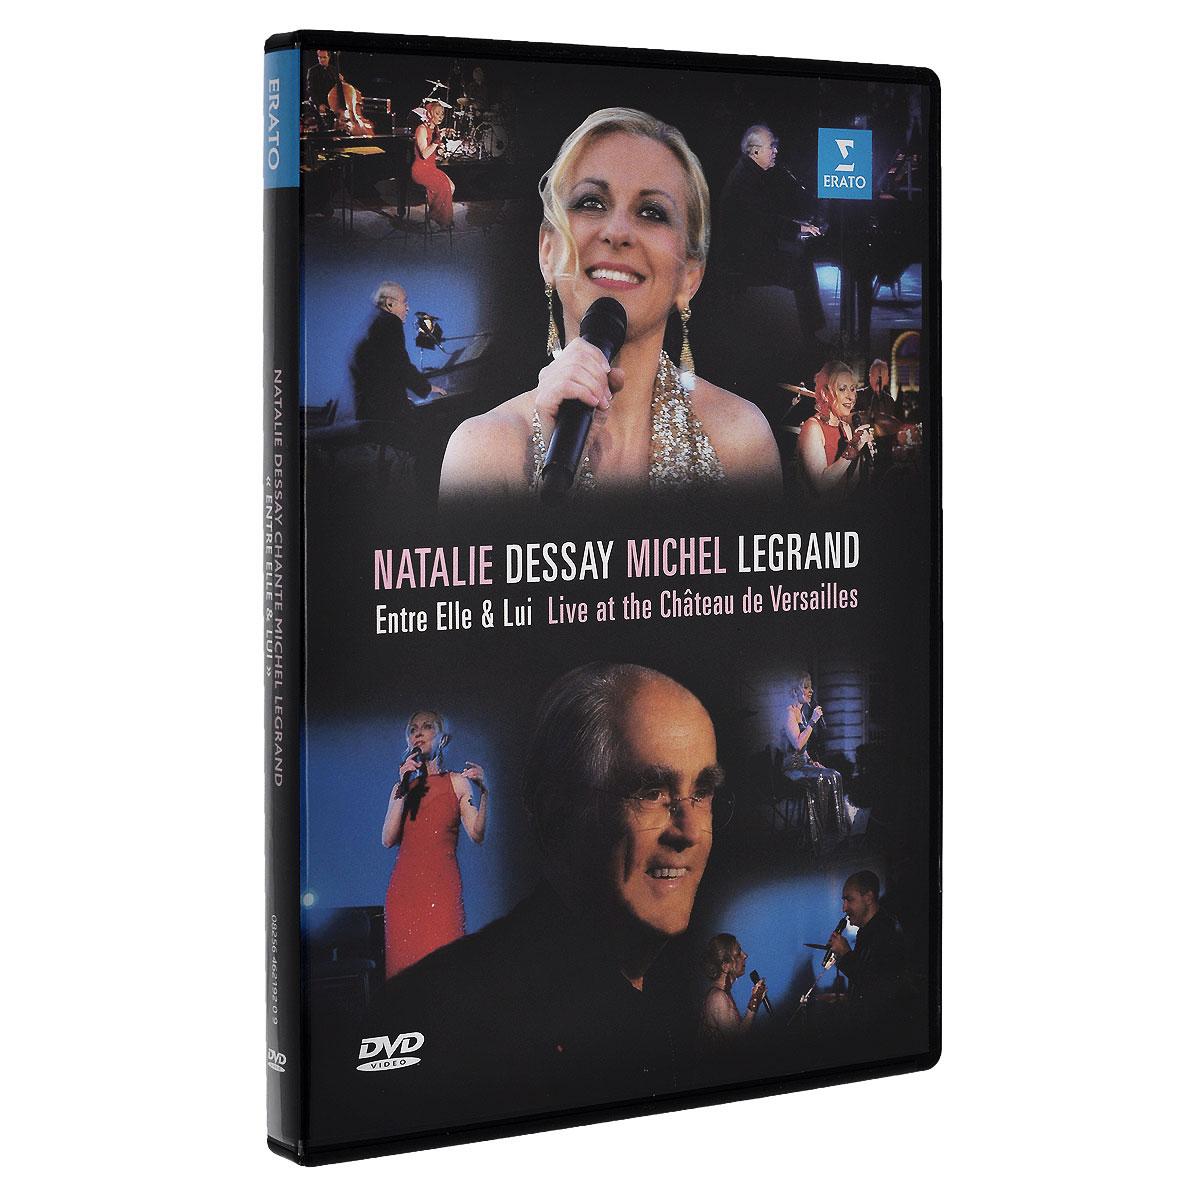 Natalie Dessay, Michel Legrand: Entre Elle & Lui (Live At The Chateau De Versailles)